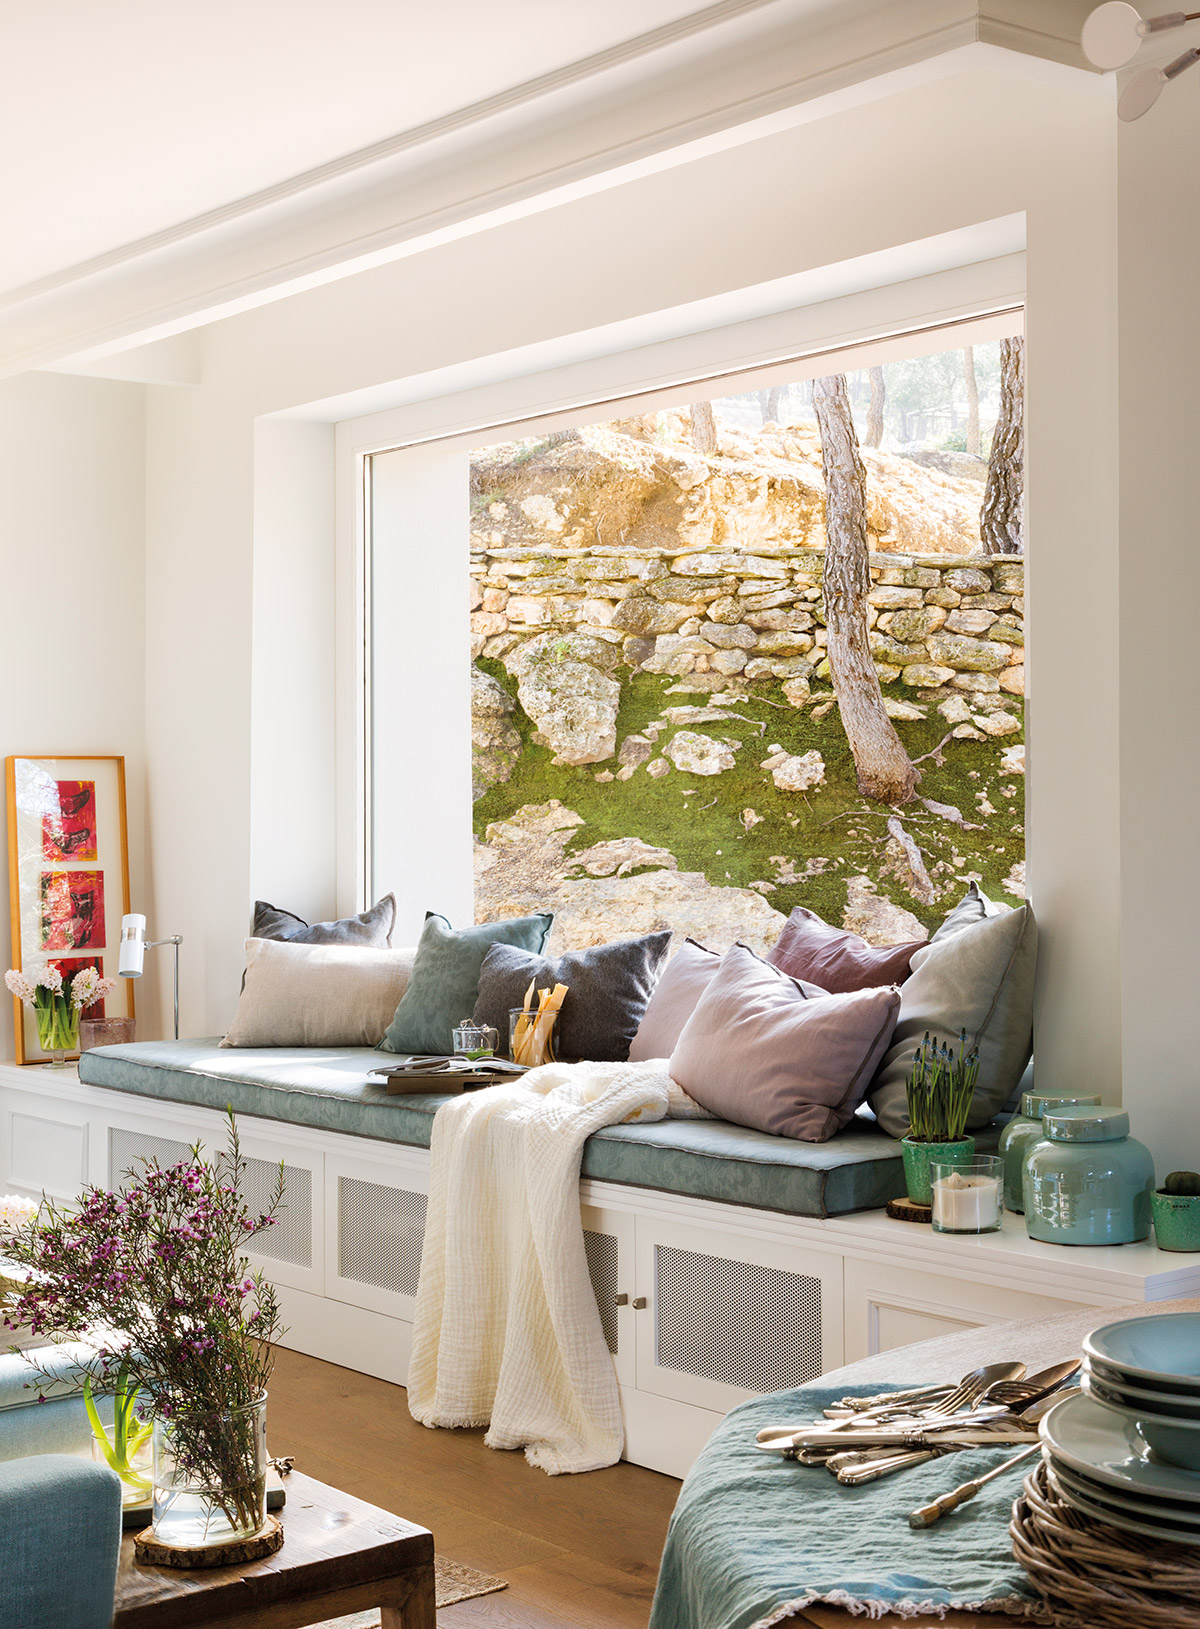 Ideas para aprovechar al m ximo el espacio de un piso peque o for Pequeno mueble para dormitorio adulto